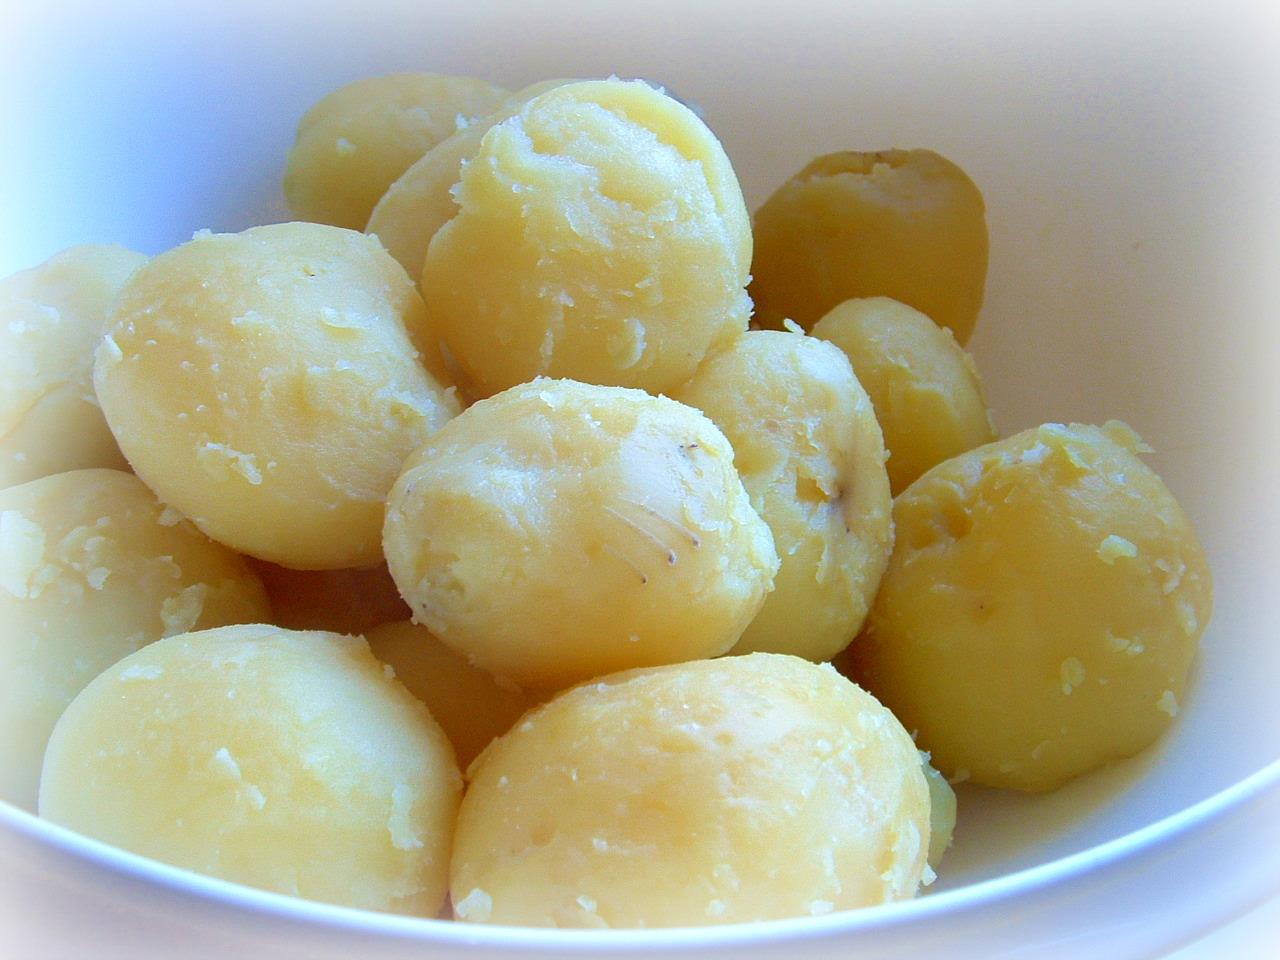 Kızarmış patateslerin kalorili içeriğini nasıl azaltabilirsiniz